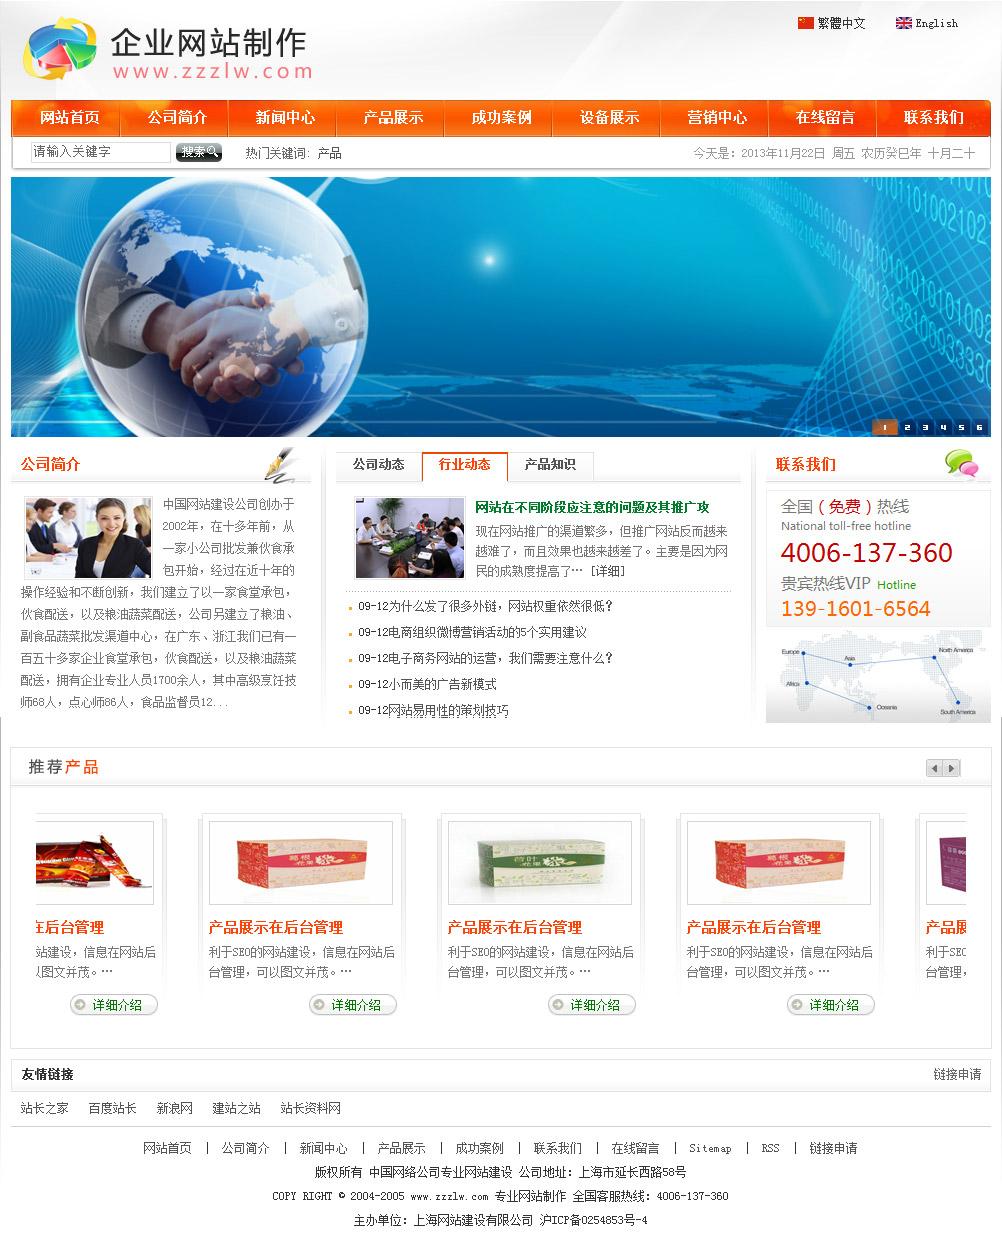 帝国橙色企业网站模板(美观大气)